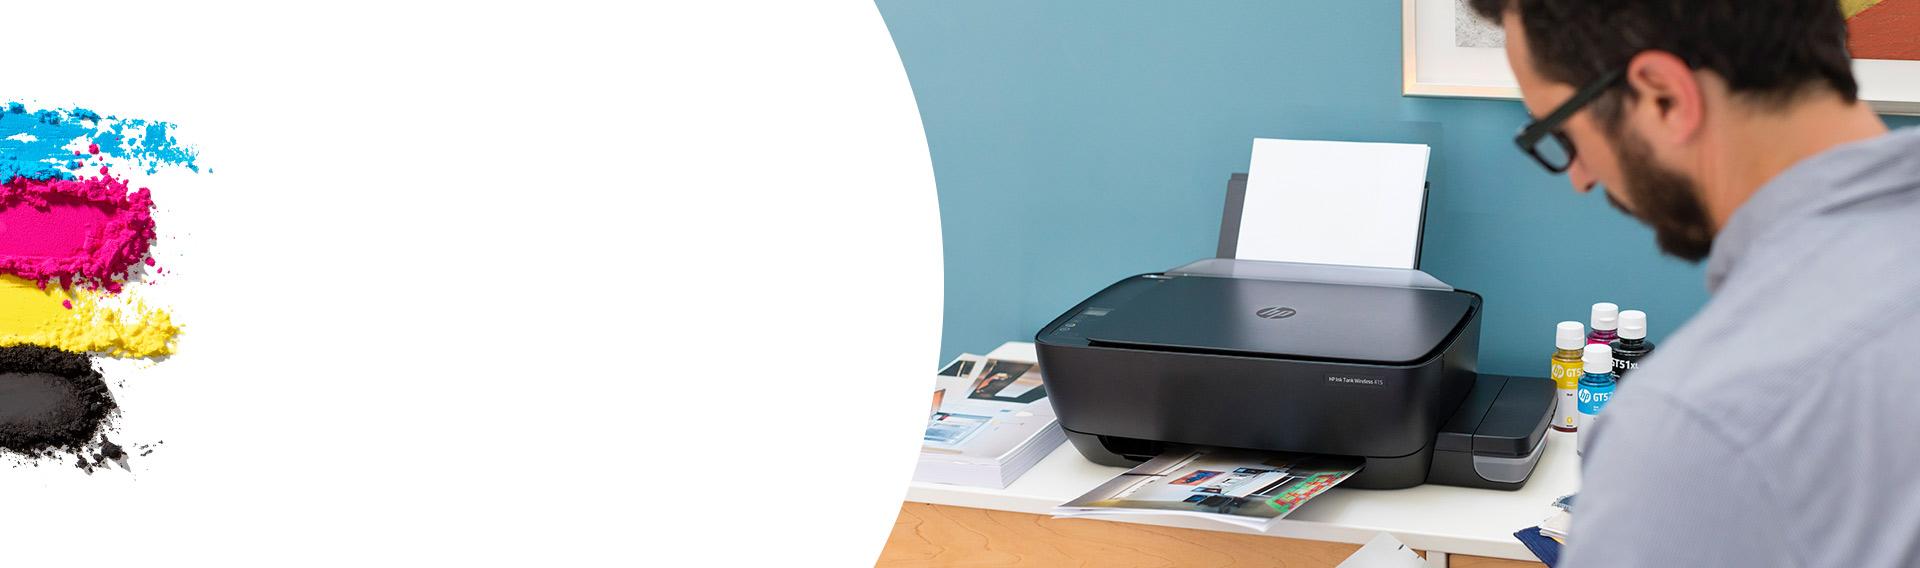 HP INK TANK. Tecnología para restablecer los niveles de tinta. Rellene fácilmente su sistema de tanque de tinta con botellas resellables que no se derraman.